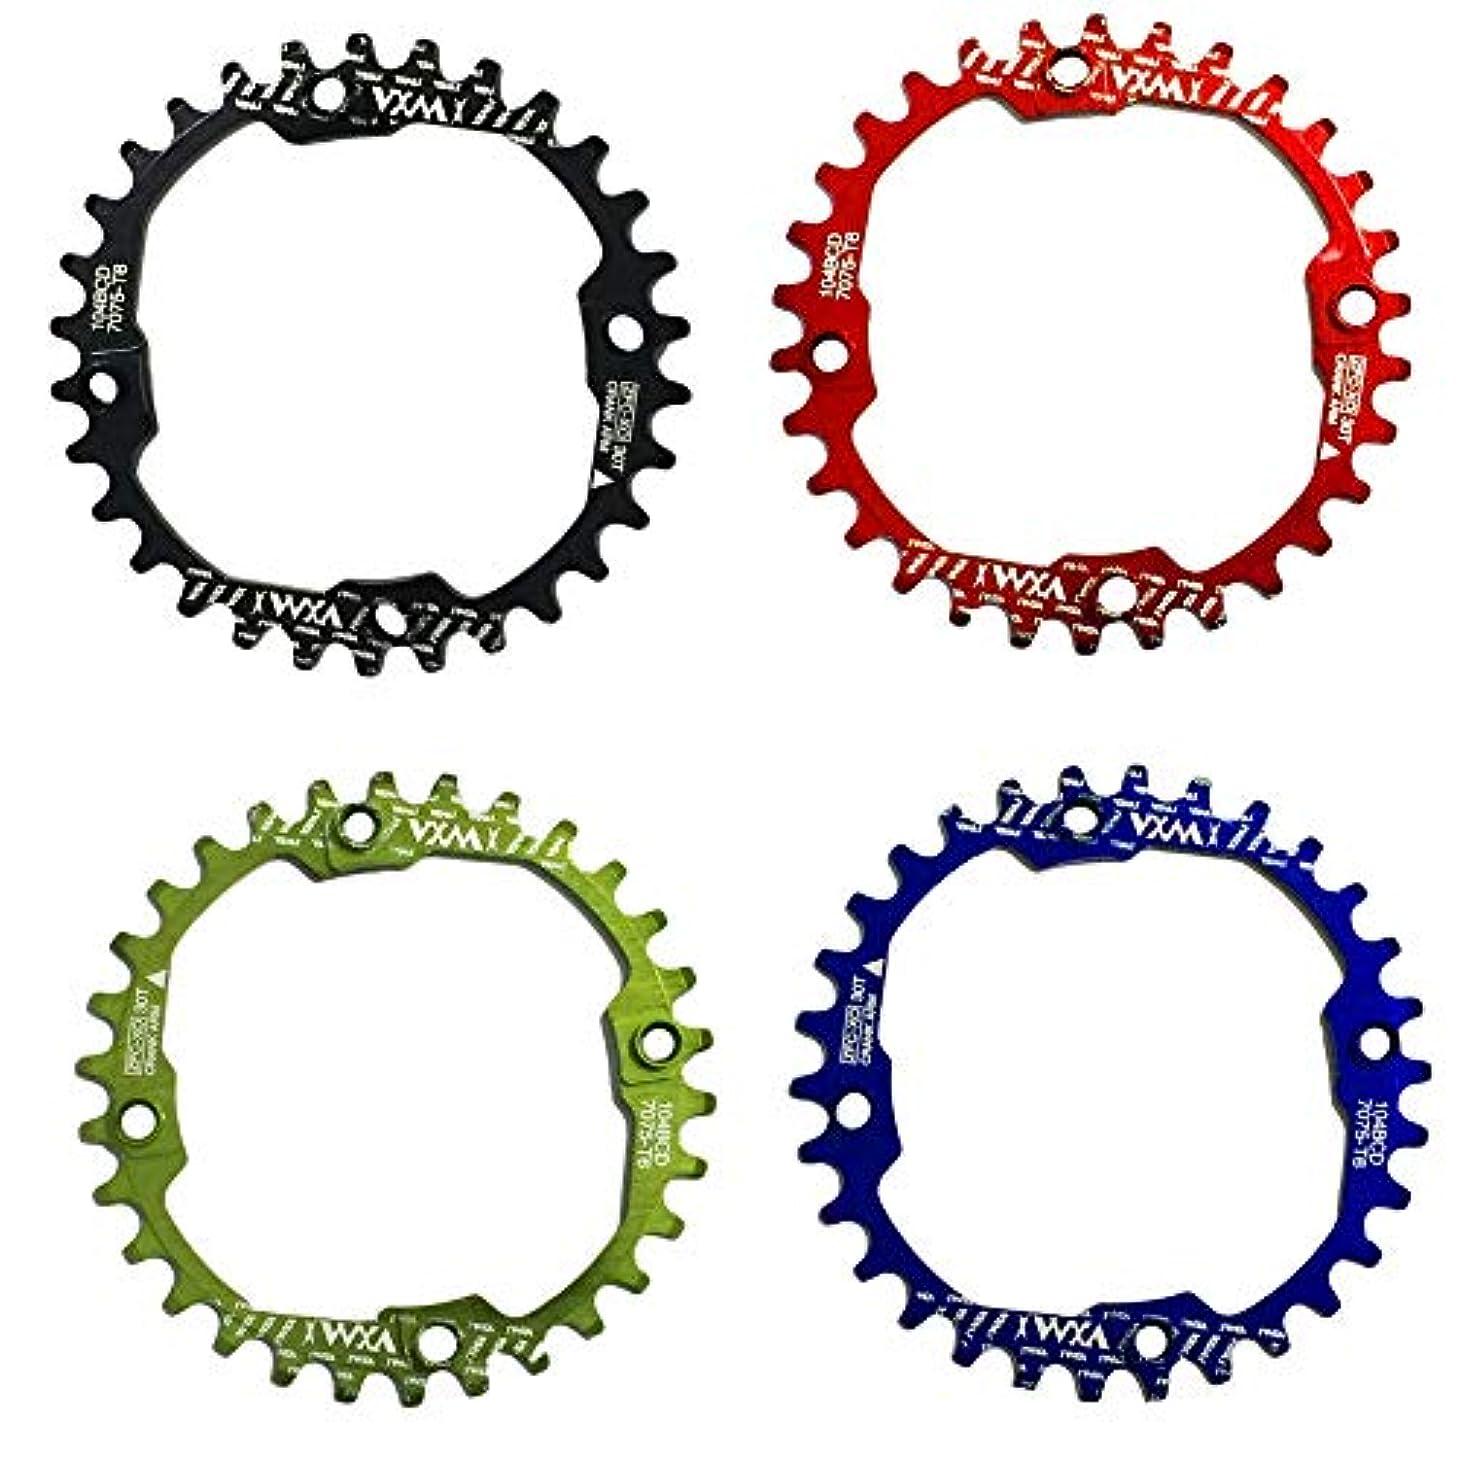 レシピシガレット温帯Propenary - 1PC Bicycle Chainwheel Crank 30T 104BCD Aluminum Alloy Narrow Wide Chainring Round Bike Chainwheel Crankset Bicycle Parts [ Blue ]